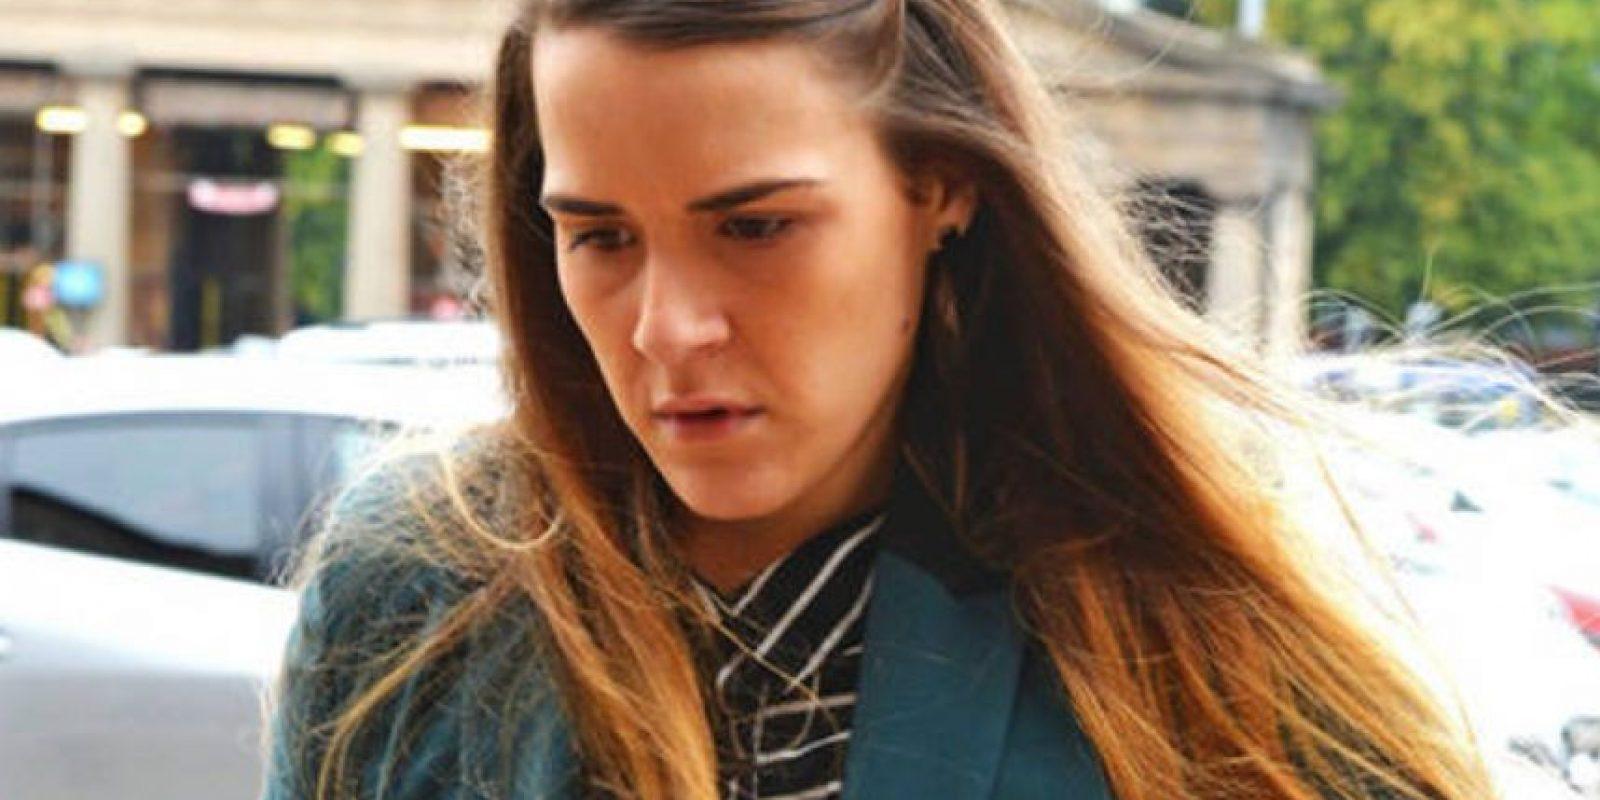 Gayle Newland se hizo pasar por un varón, Kye Fortune. Con eso consiguió engañar a una amiga, con la que tuvo 10 encuentros sexuales en 4 meses. La víctima confesó que cayó porque estaba desesperada. Foto:vía AP